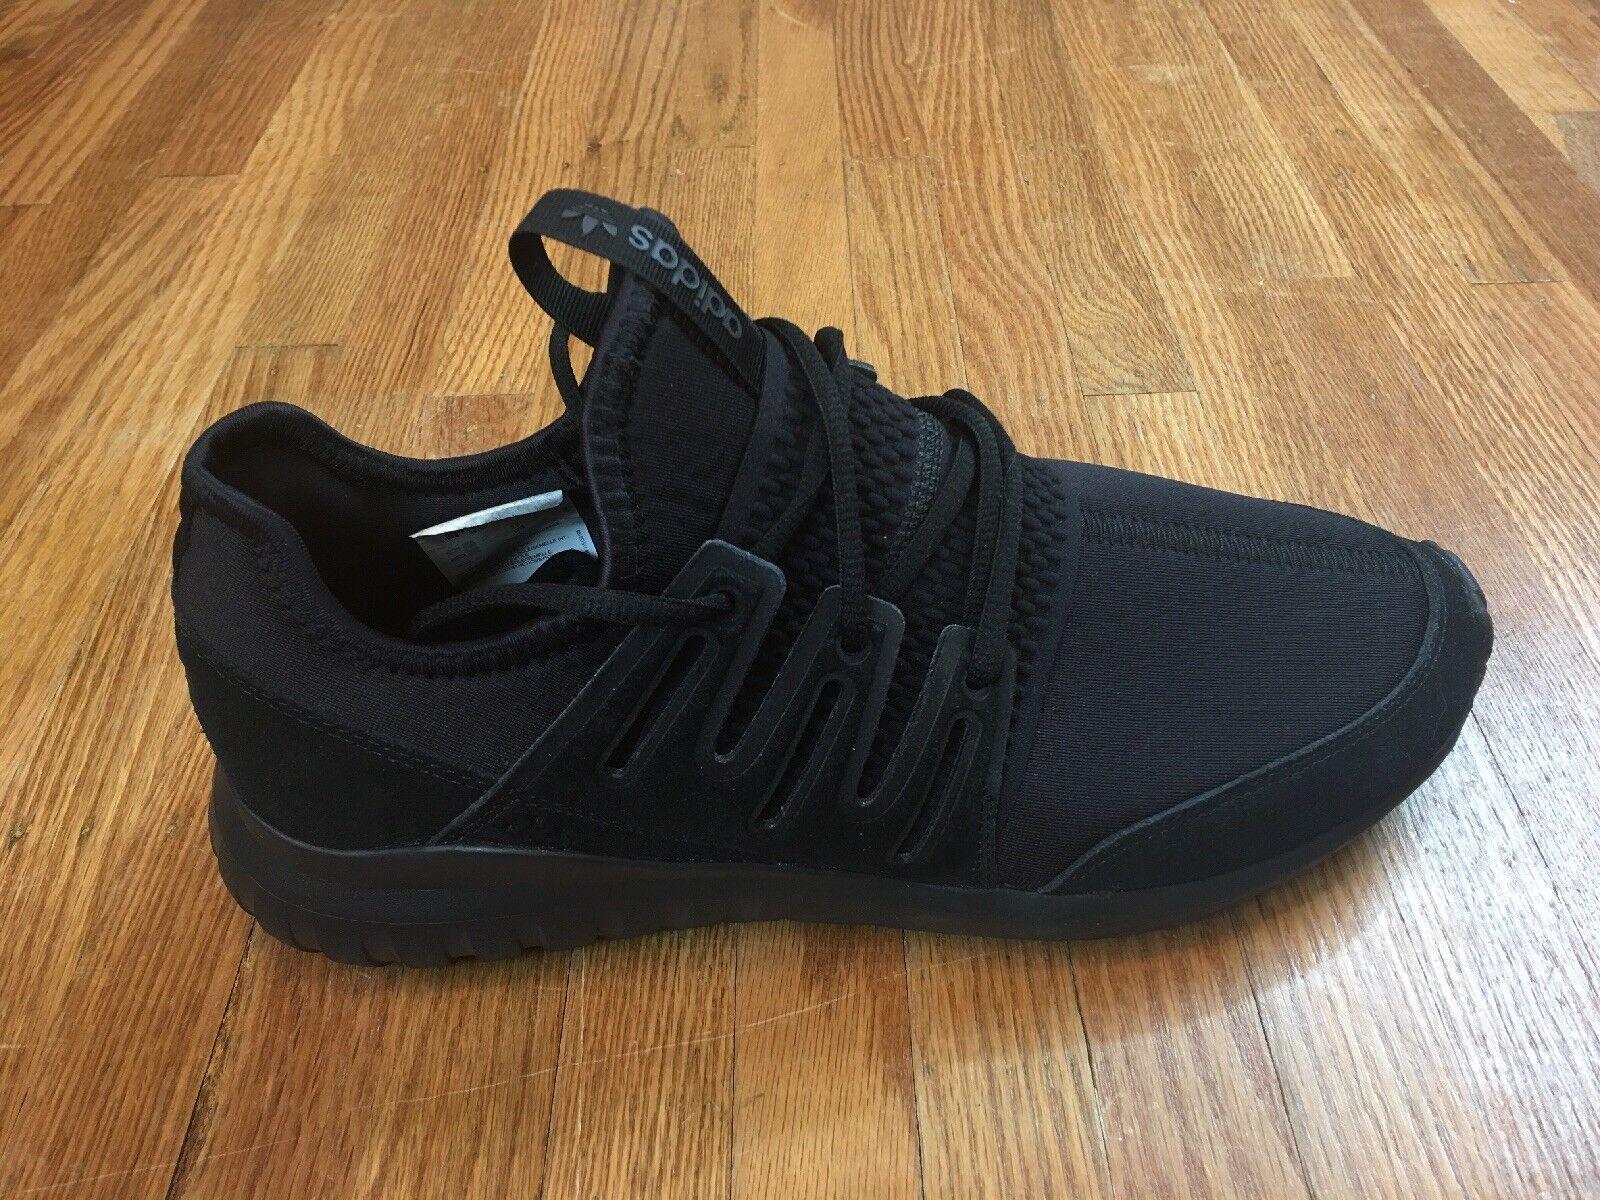 adidas tubuläre zehn radikale mens schuhe sz zehn tubuläre triple schwarz läuft trainer turnschuhe dd62a6